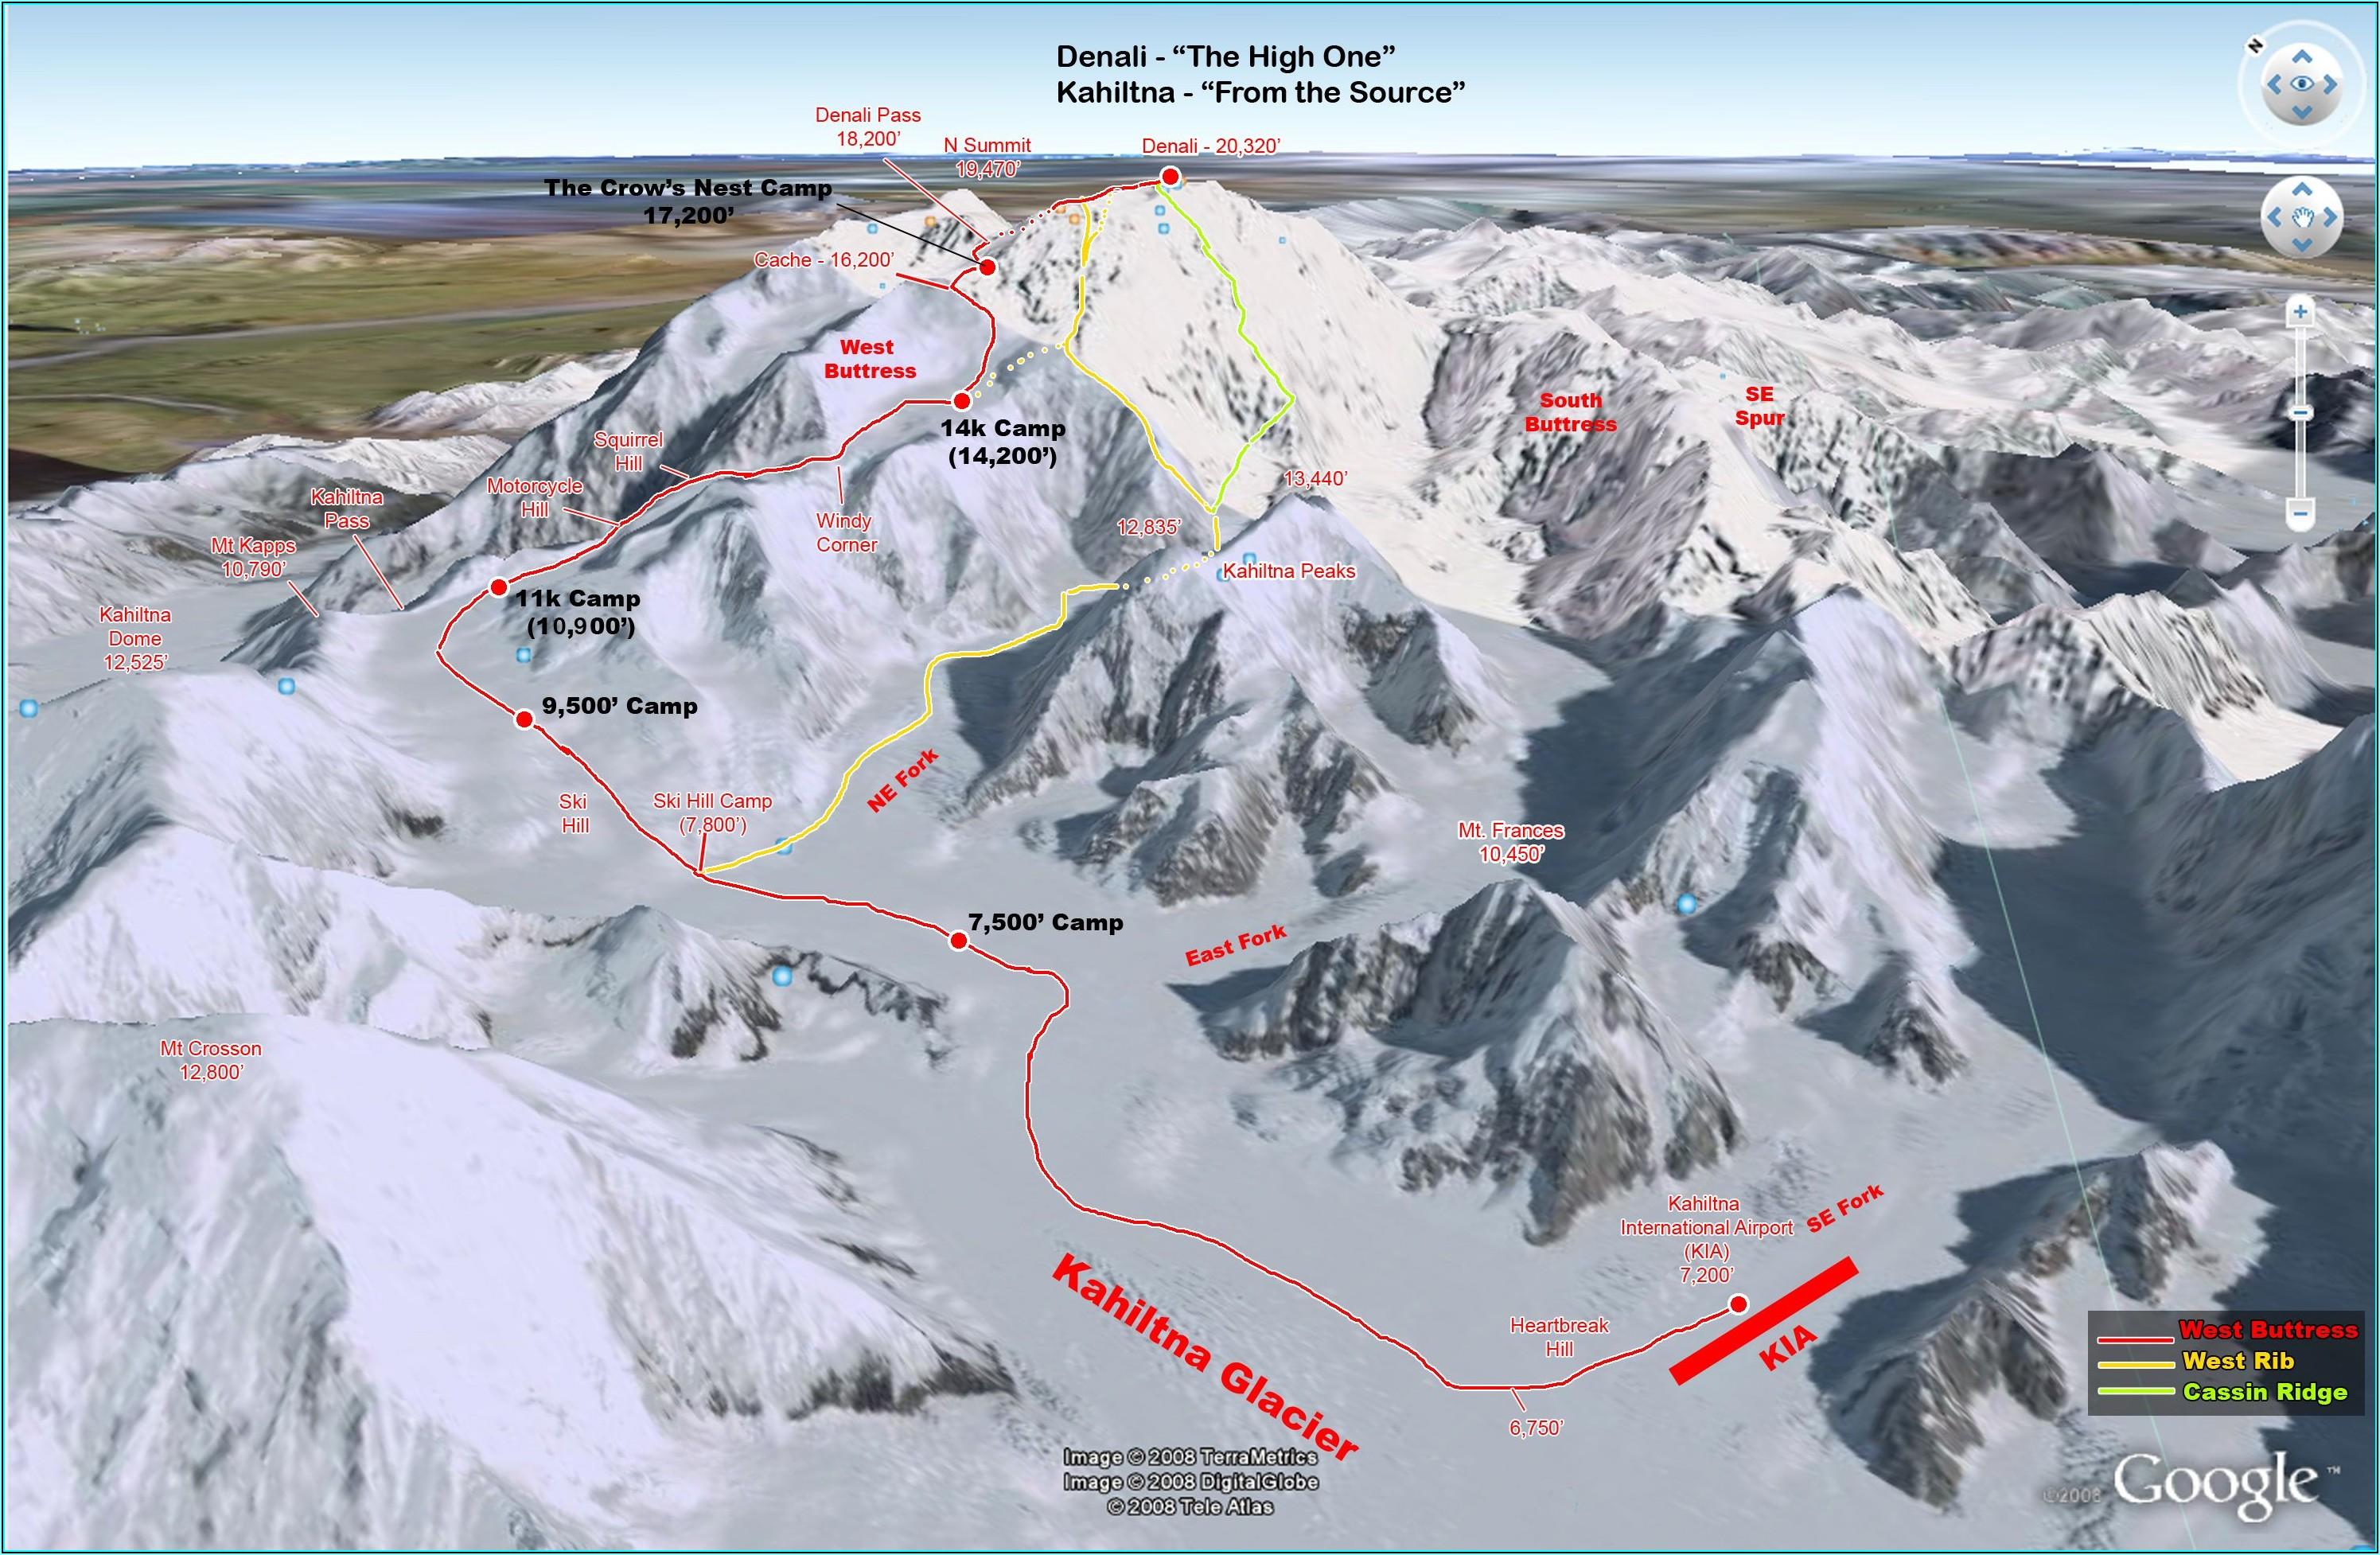 Denali Climbing Routes